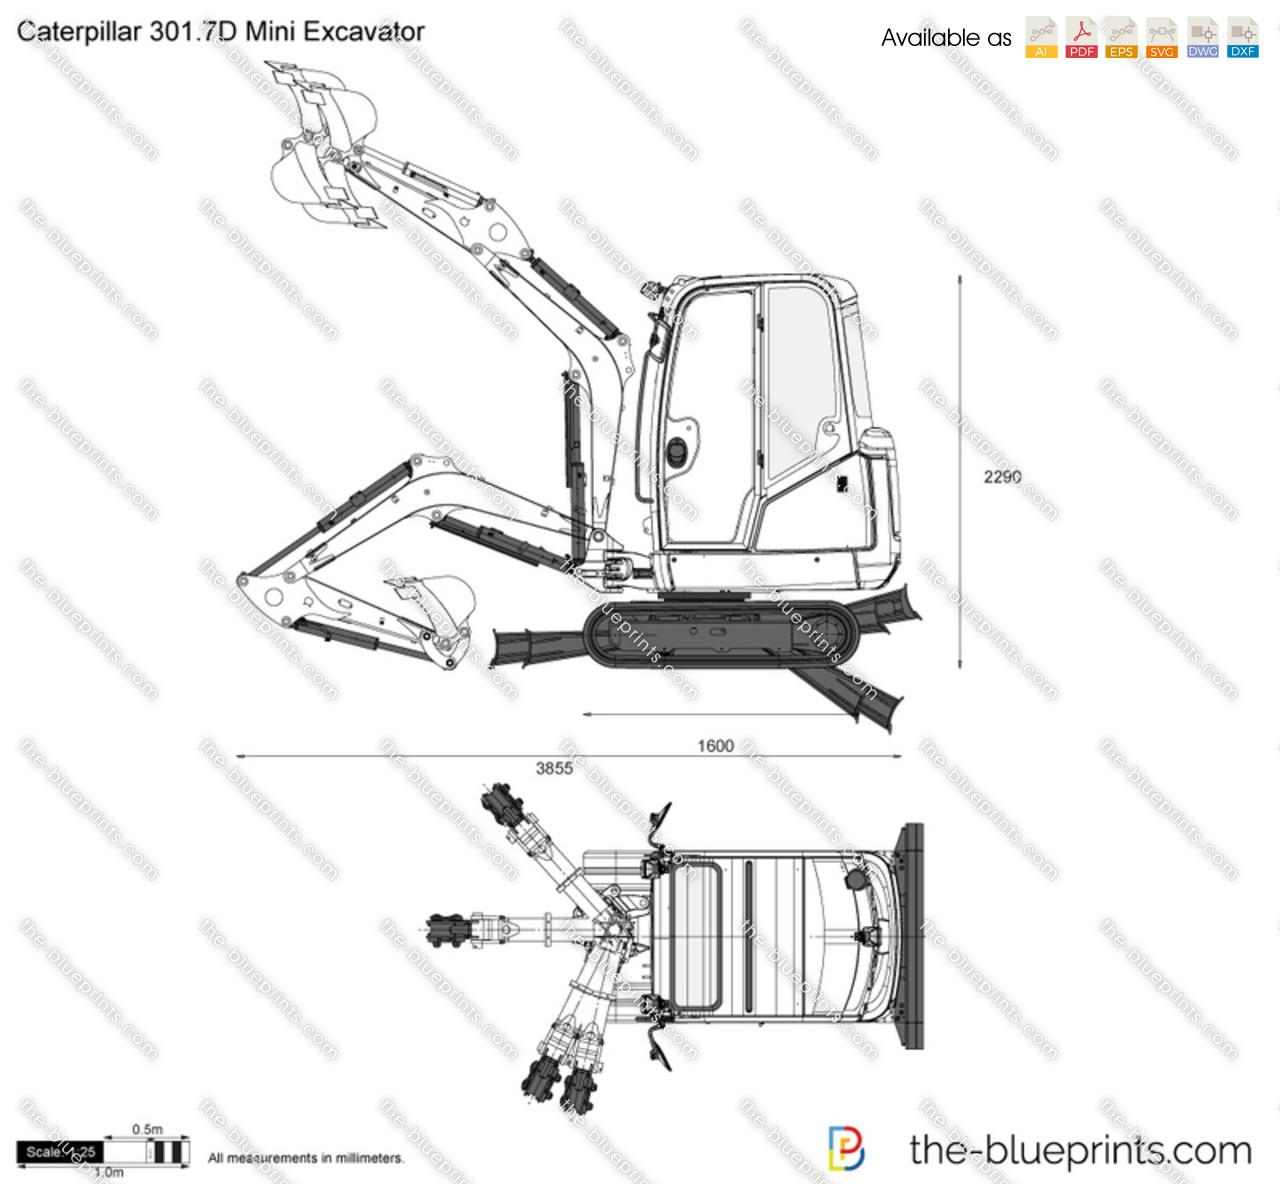 Caterpillar 301.7D Mini Excavator